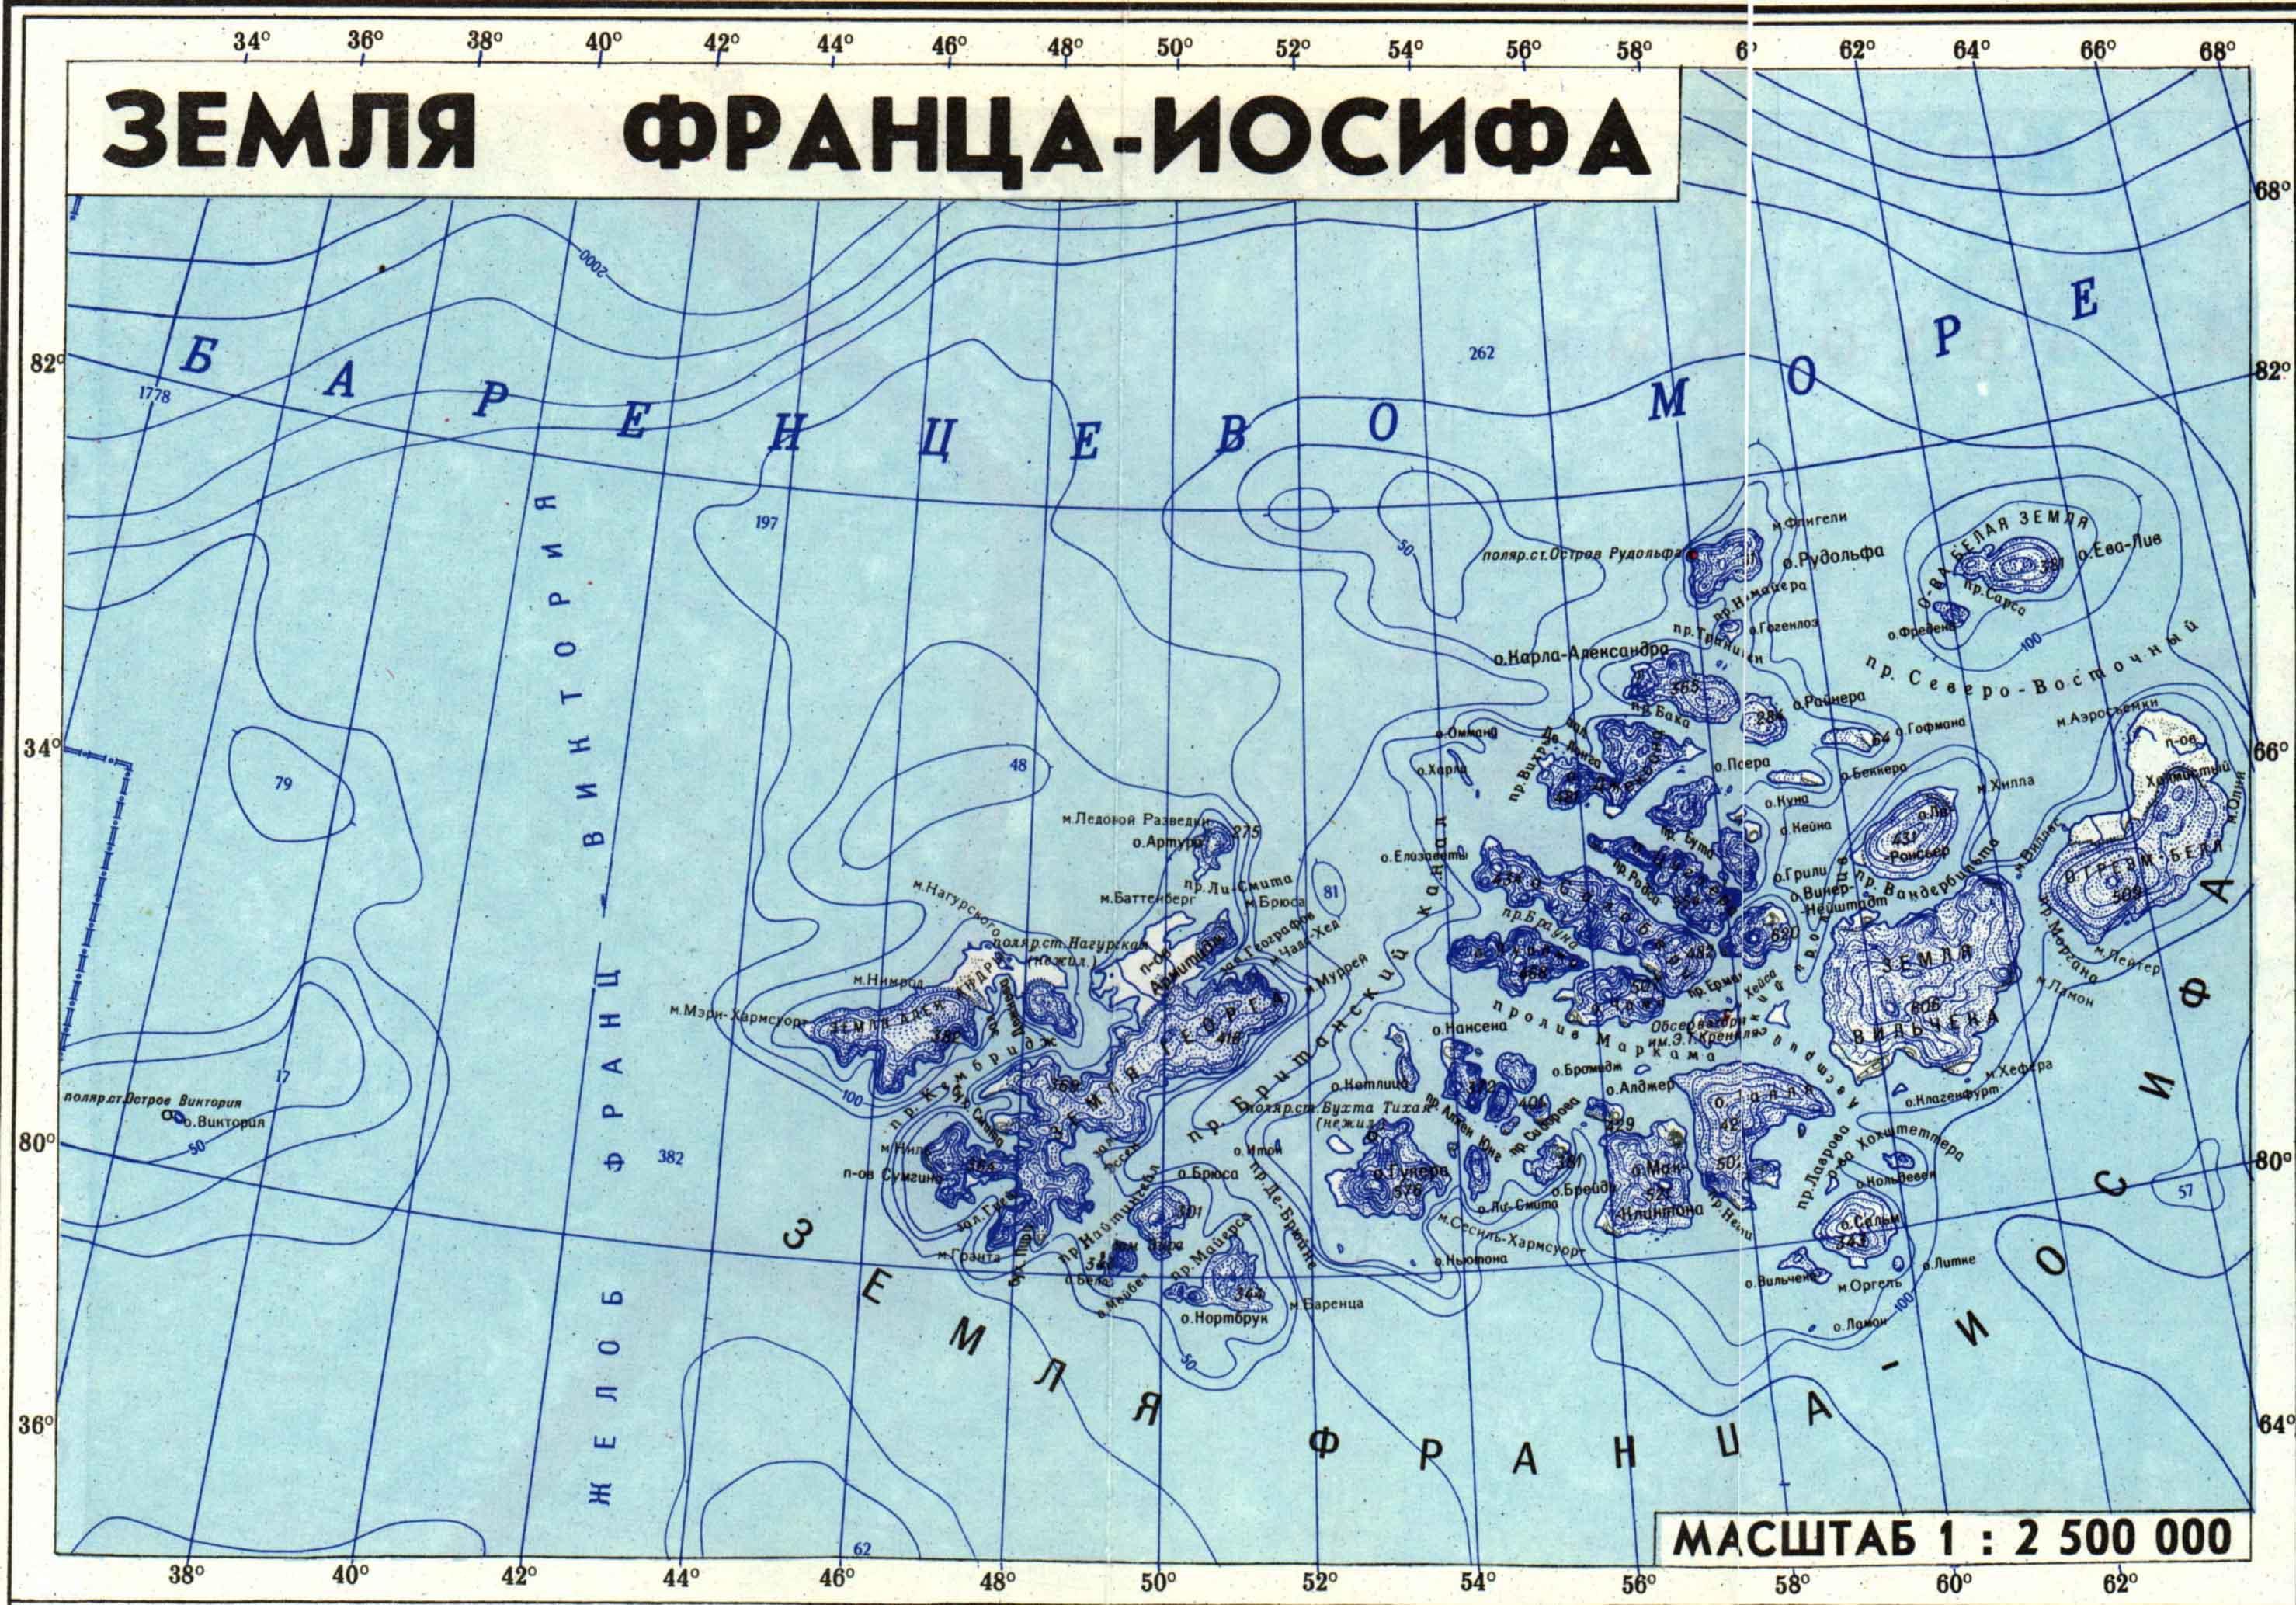 Где находиться земля франца иосифа карта